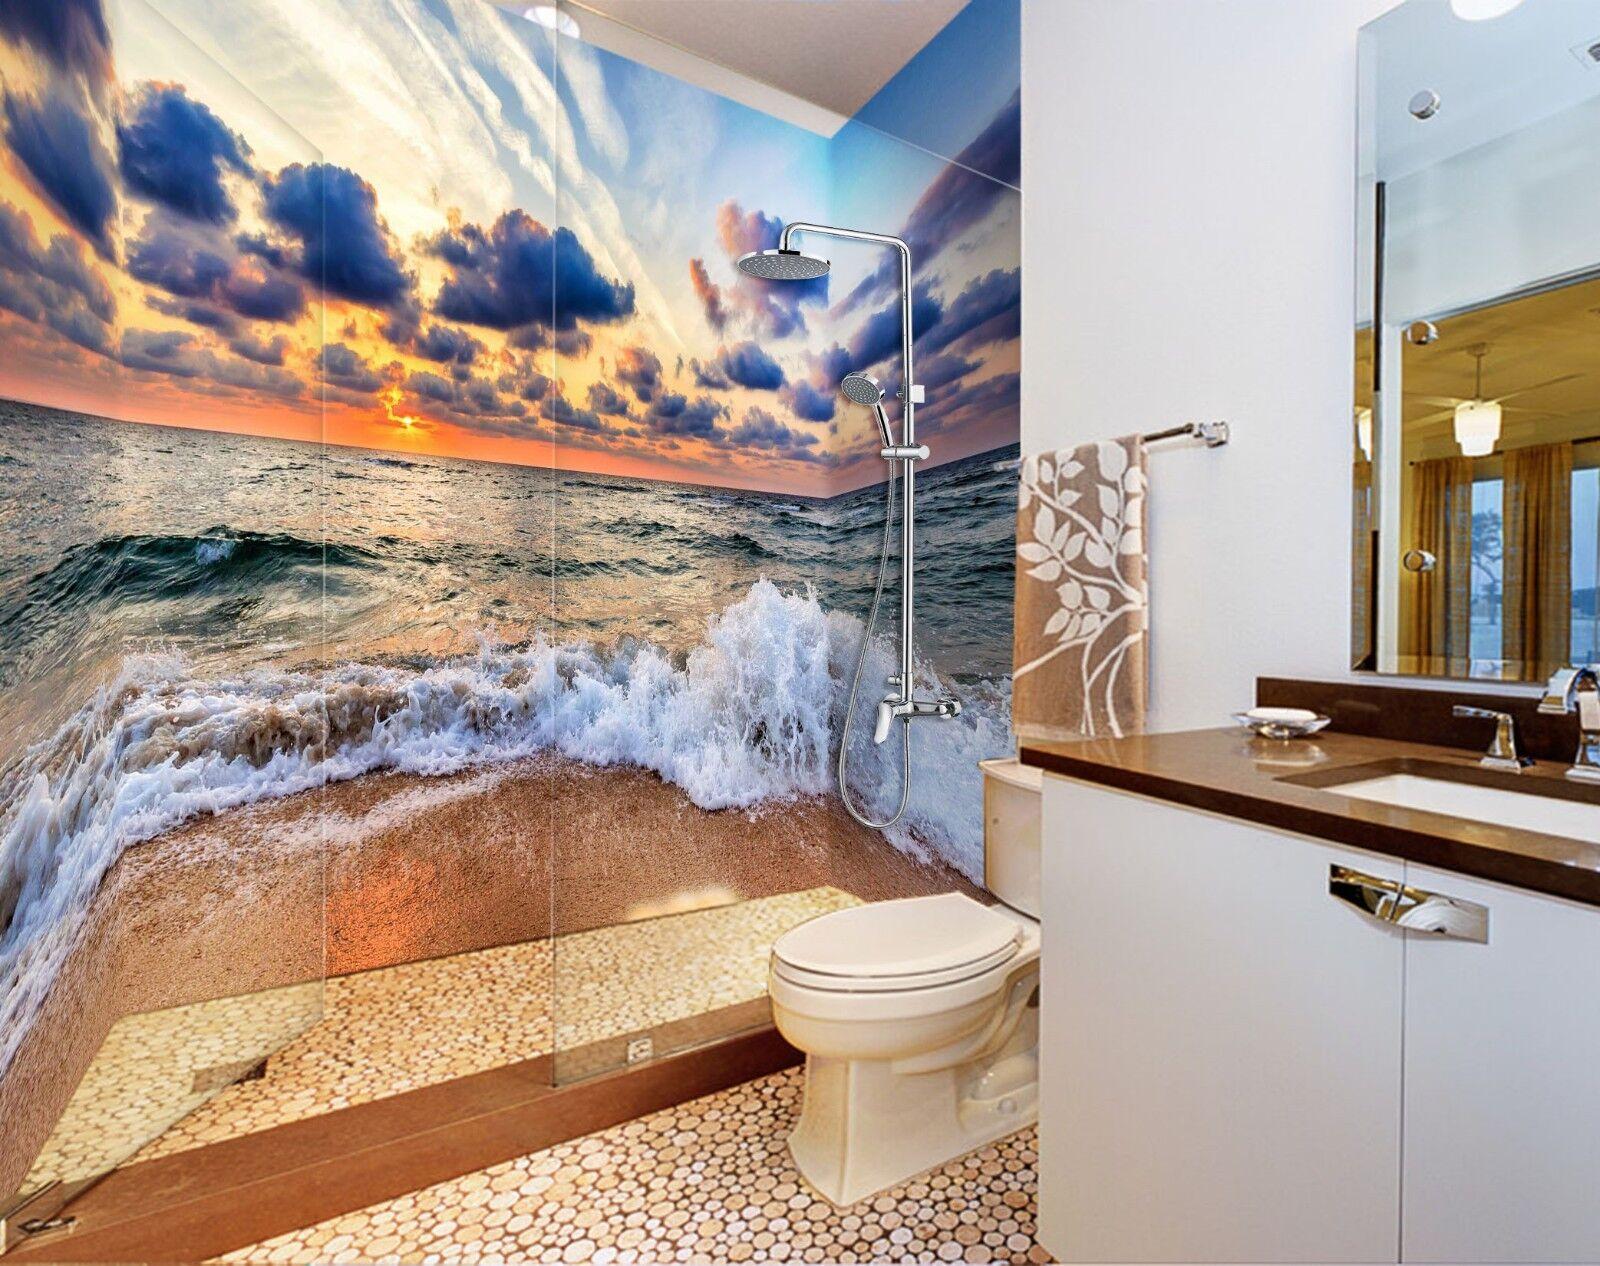 3D Clouds waves  596 WallPaper Bathroom Print Decal Wall Deco AJ WALLPAPER UK